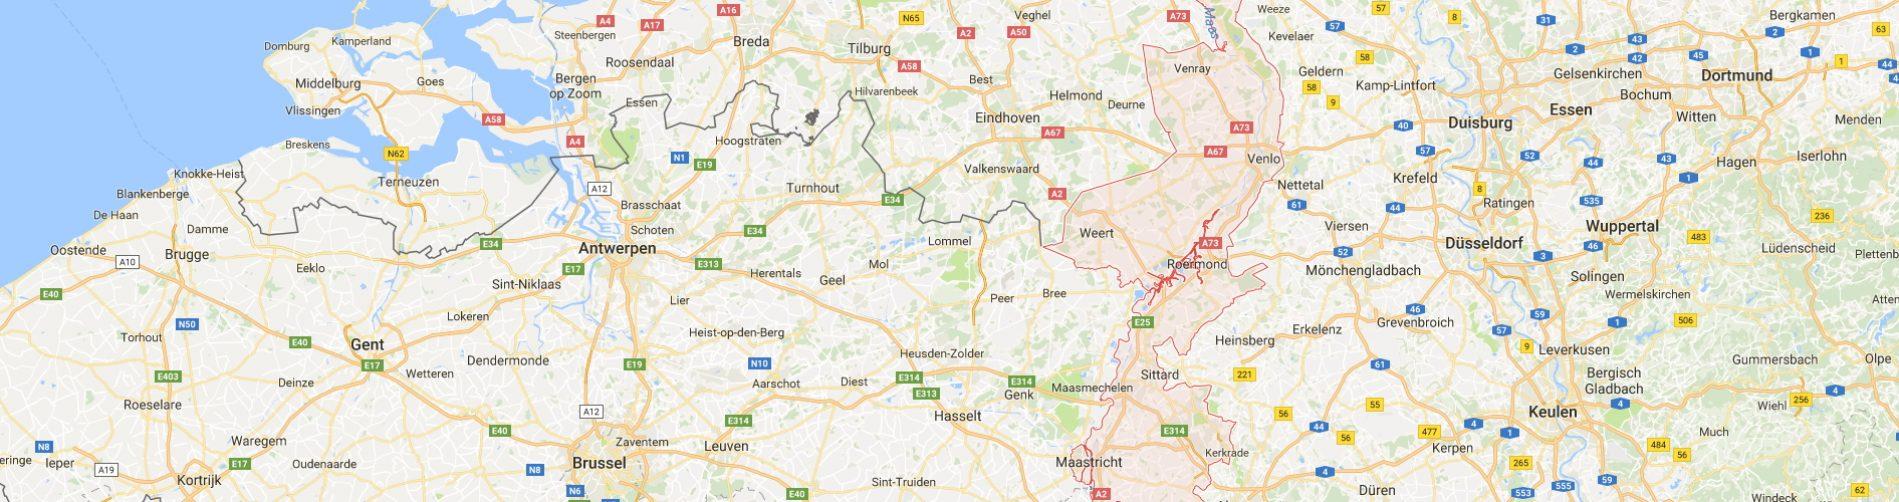 Particuliere Thuiszorg Nederland in Limburg